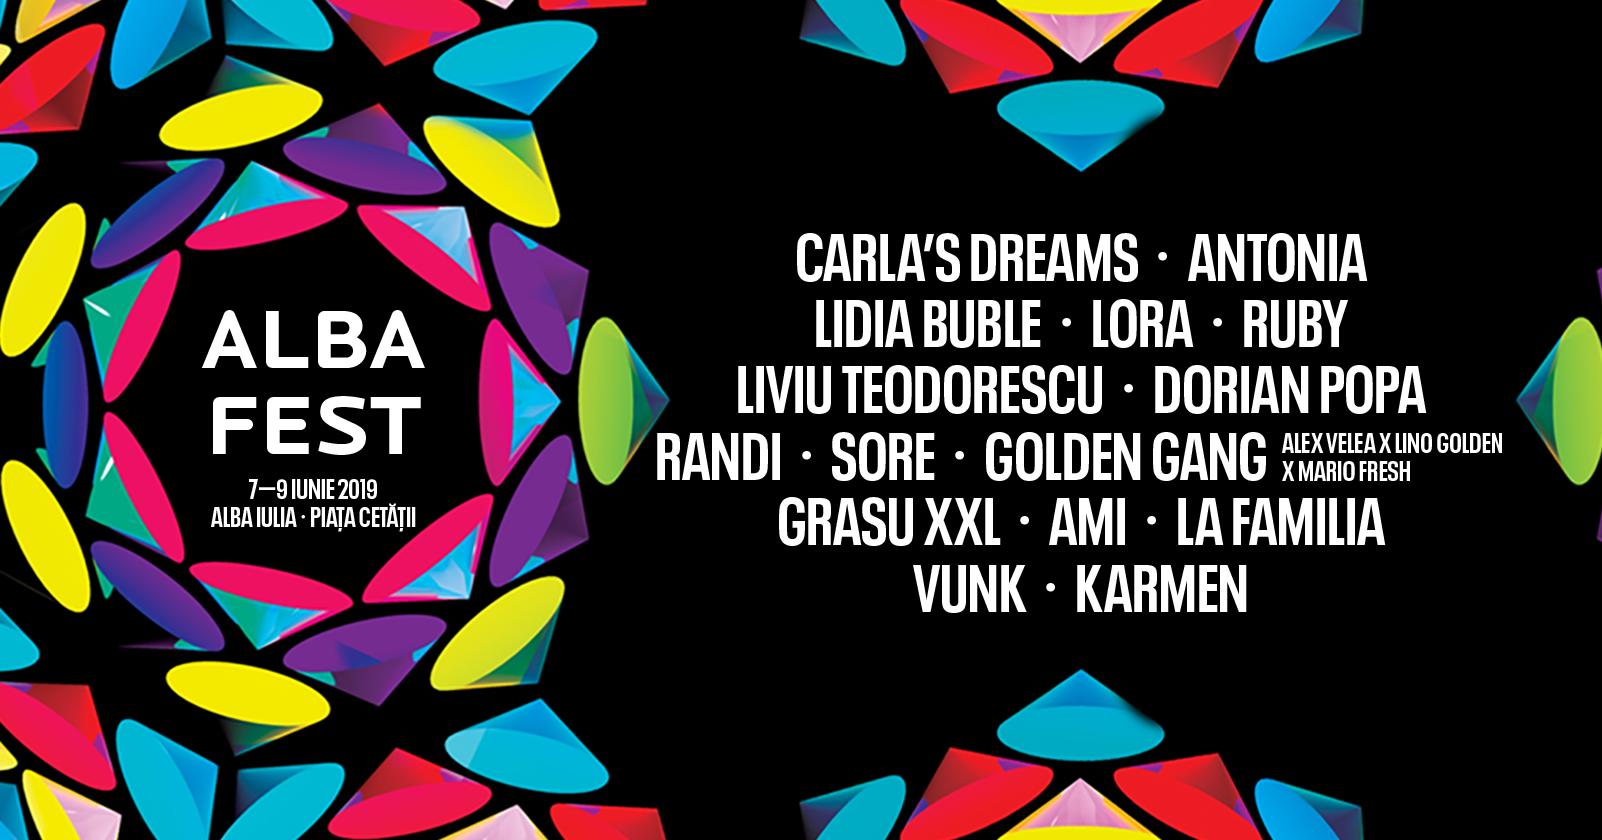 7-9 iunie: Sunteți așteptați la ALBA FEST 2019.  Artiști de top vor concerta în Piața Cetății!